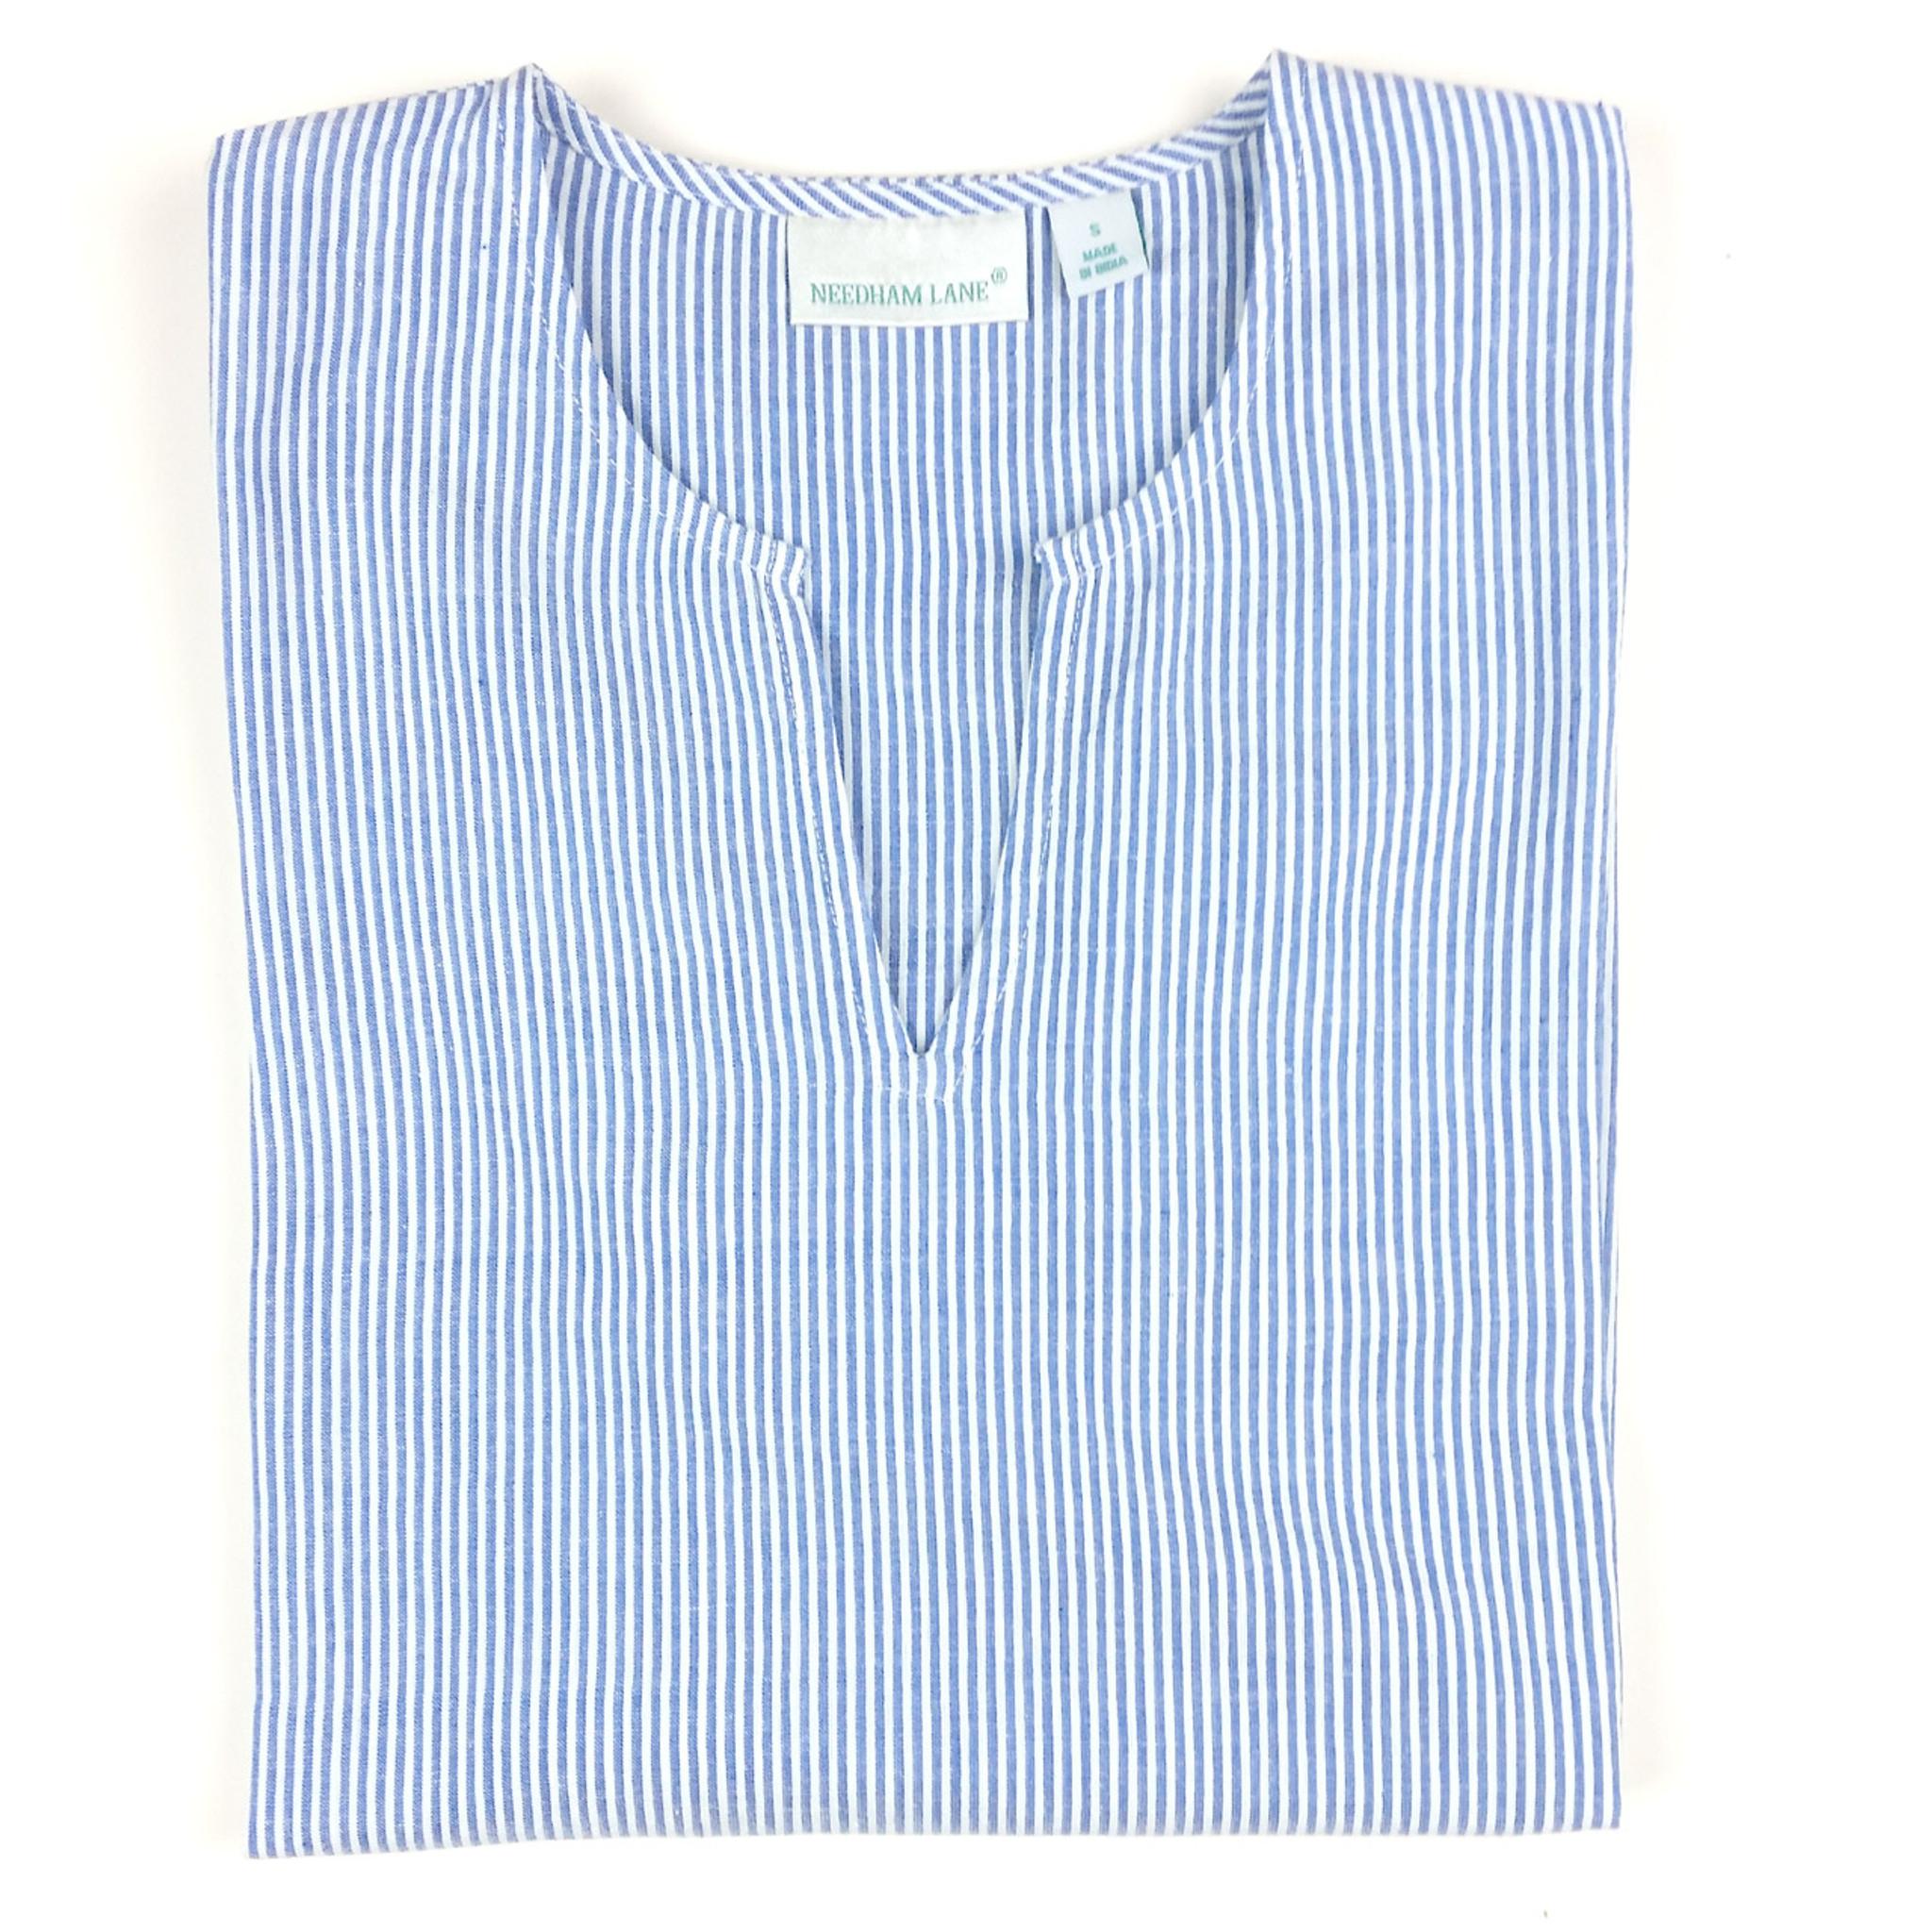 Blue Seersucker Cotton Seersucker Tunic Needham Lane Ltd